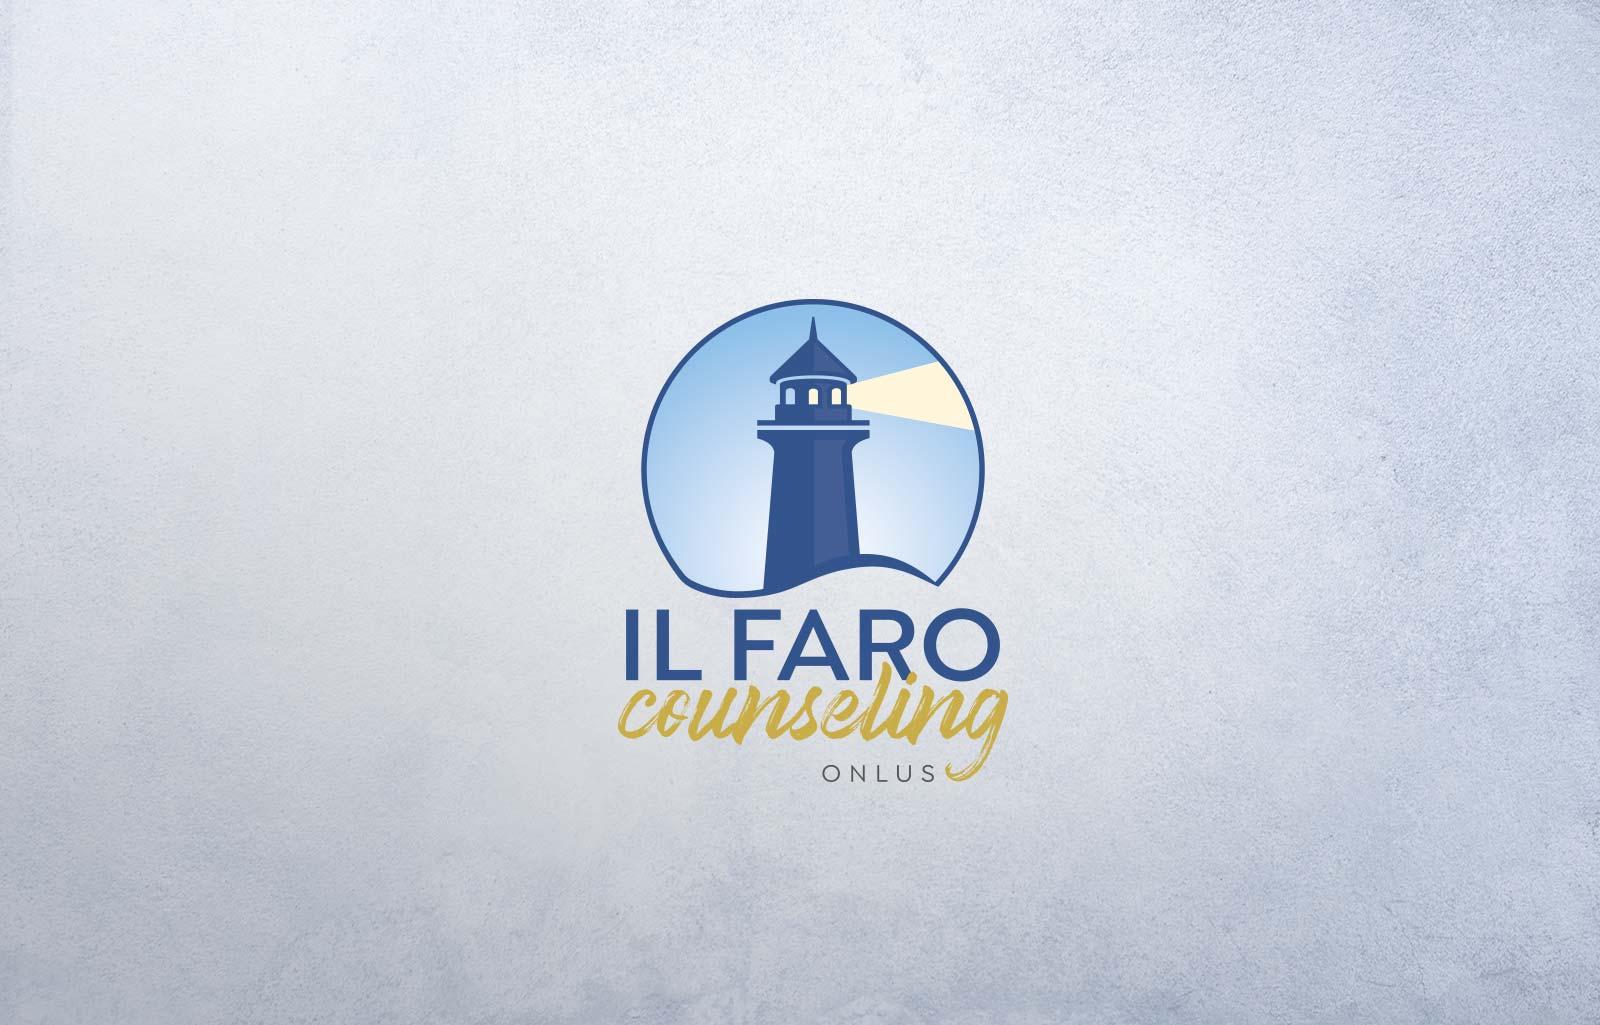 logo il faro counseling onlus Diego Favaretto Web designer